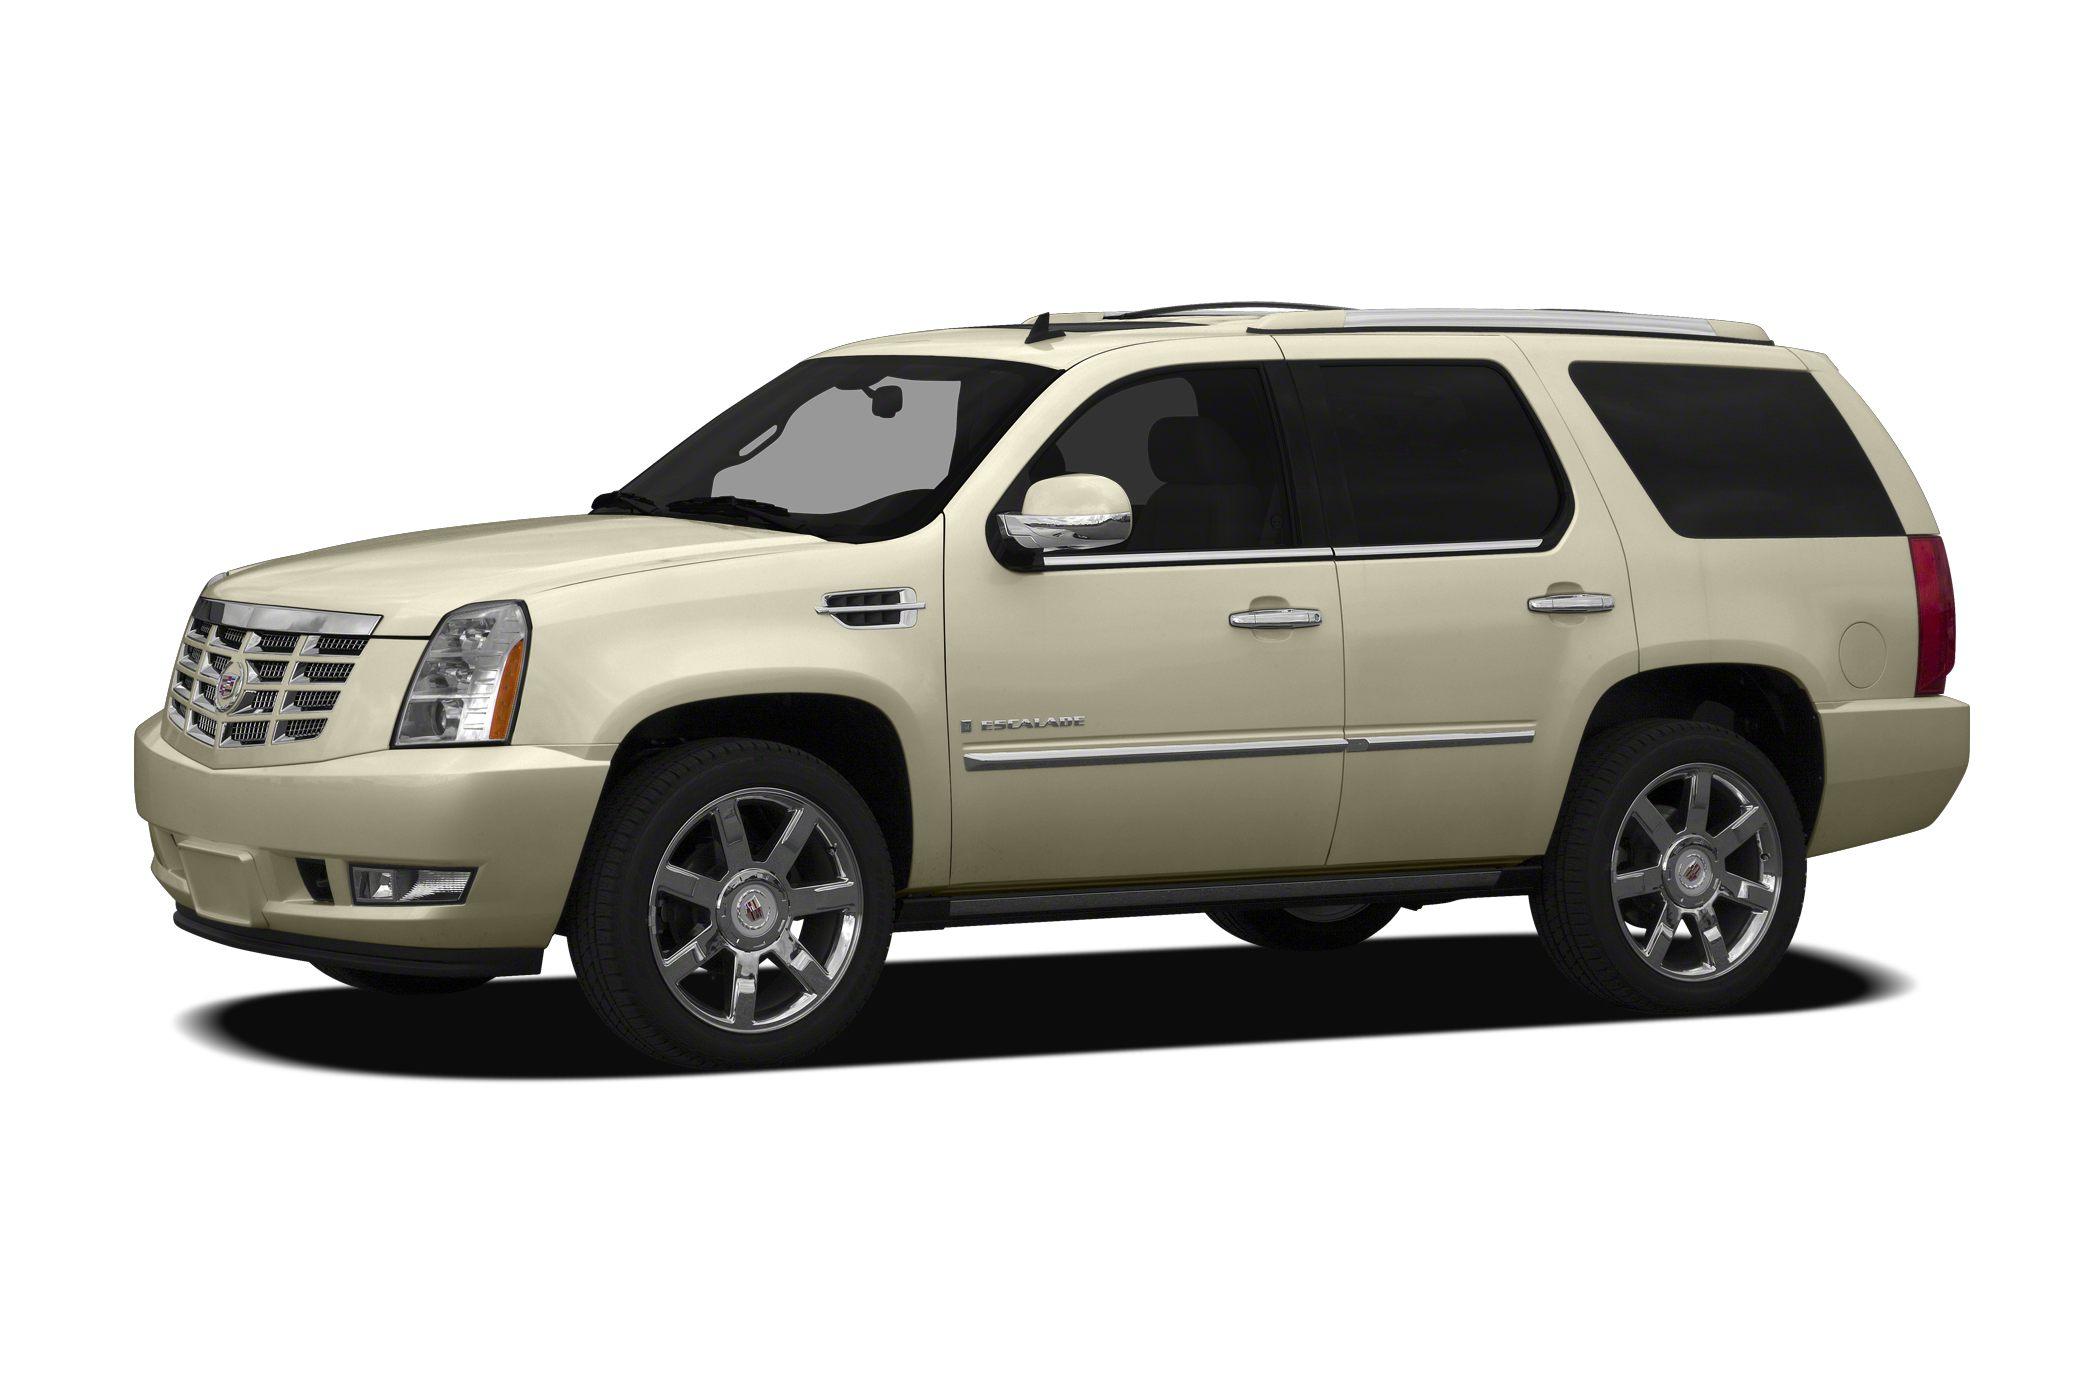 2009 Cadillac Escalade Recalls